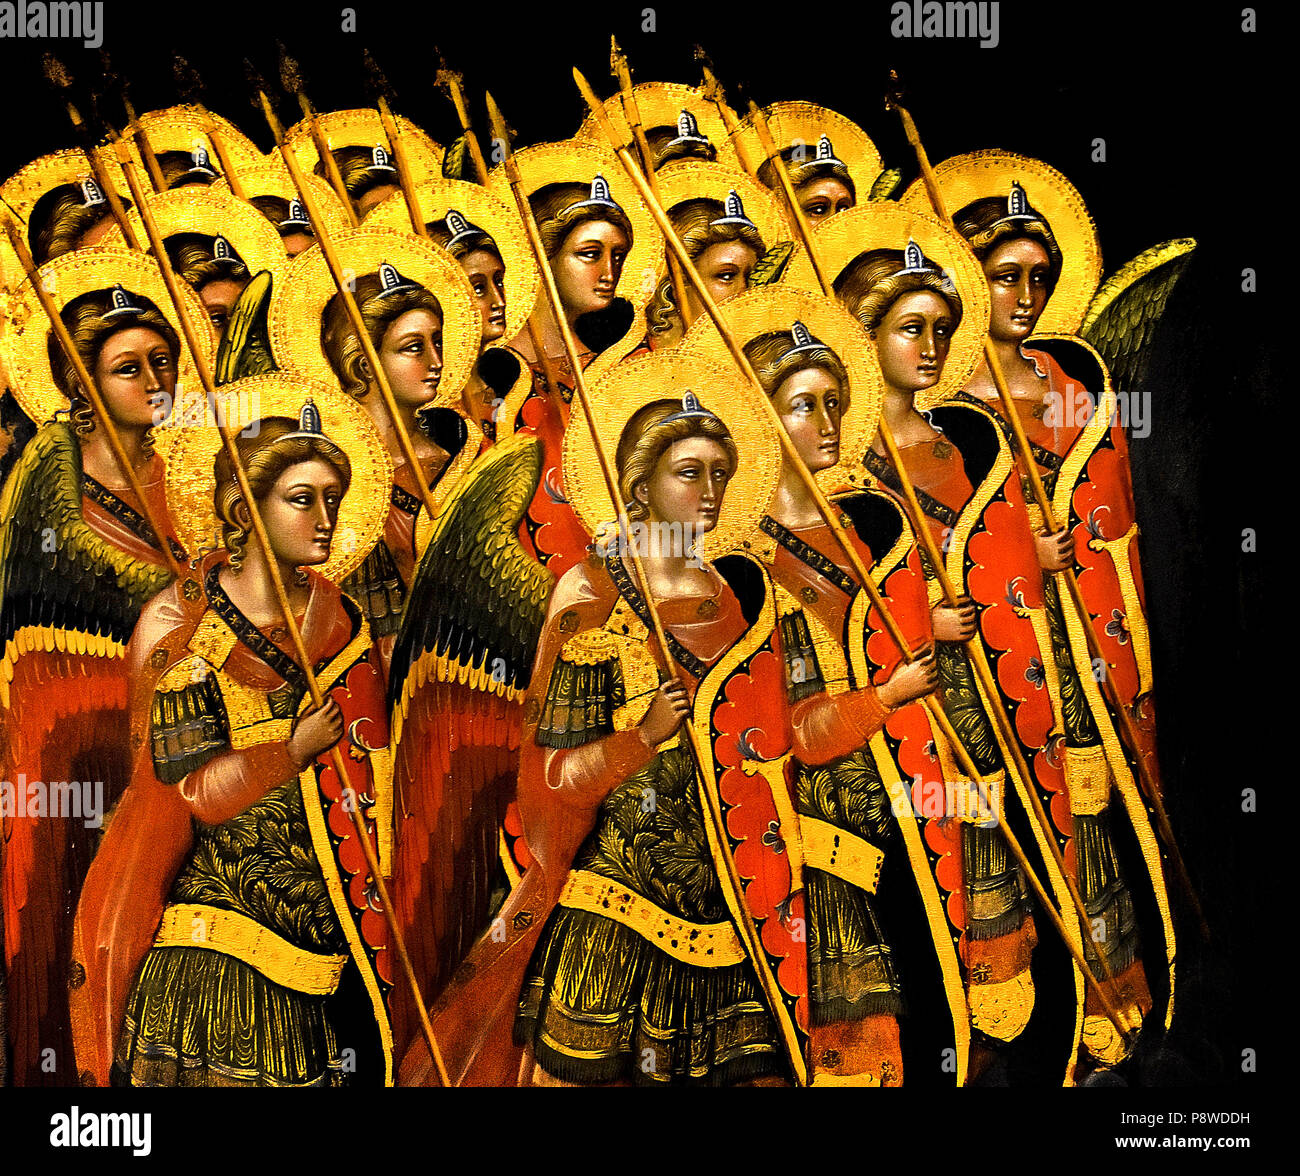 Schiera di Angeli armati (Arcangeli? Array), der bewaffneten Engeln (Erzengel?) Guariento di Arpo (1310-1370), Maler des 14. Jahrhunderts in Padua. Italien Stockbild